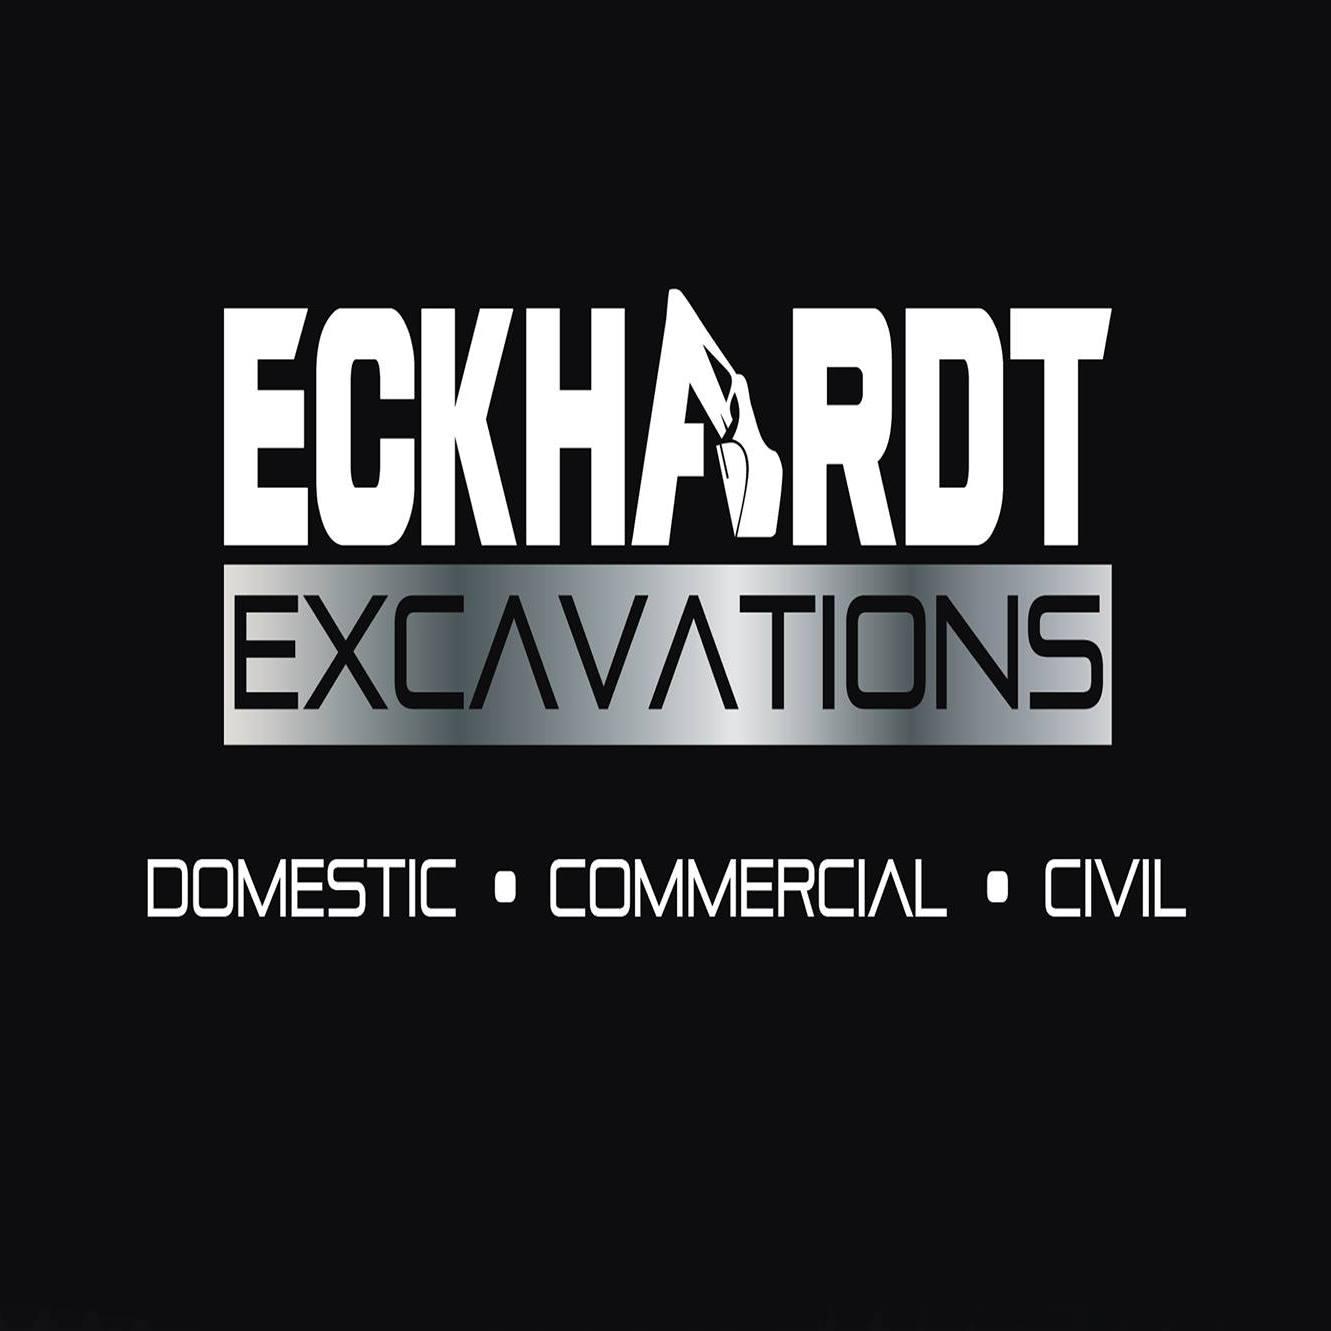 Eckhardt Excavations